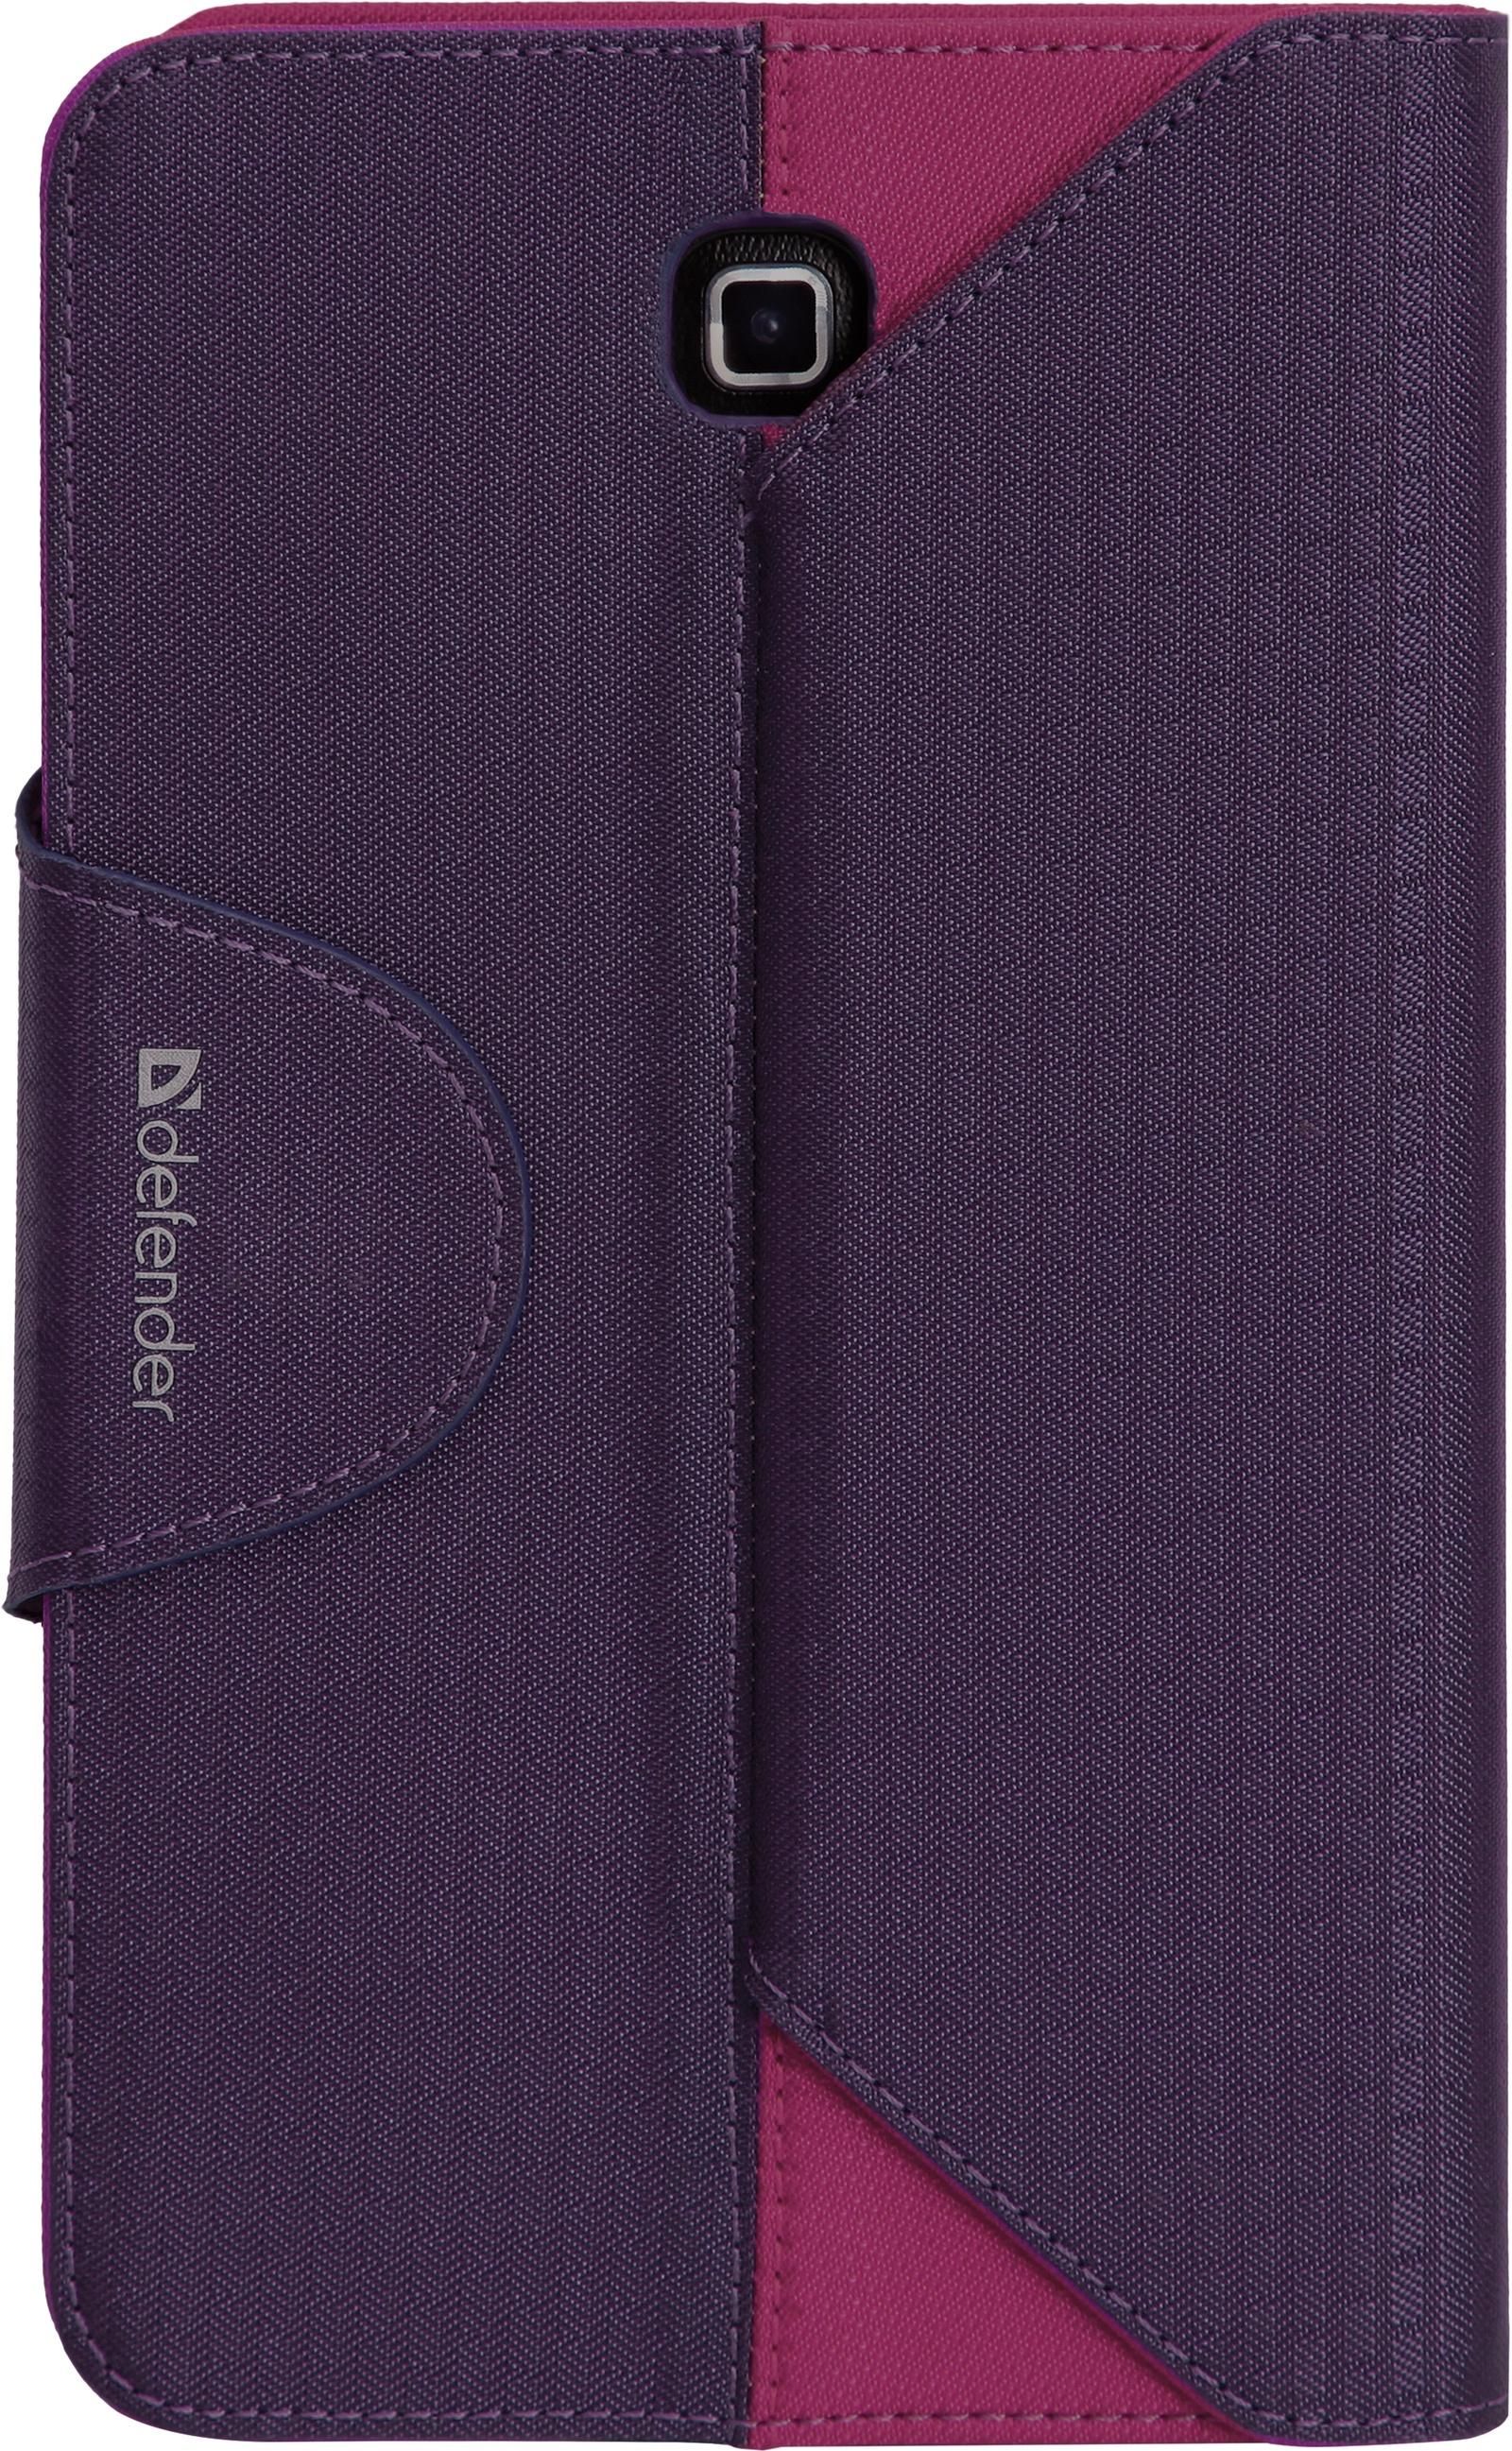 Фото - Чехол для планшета Double case, фиолетовый, розовый видео